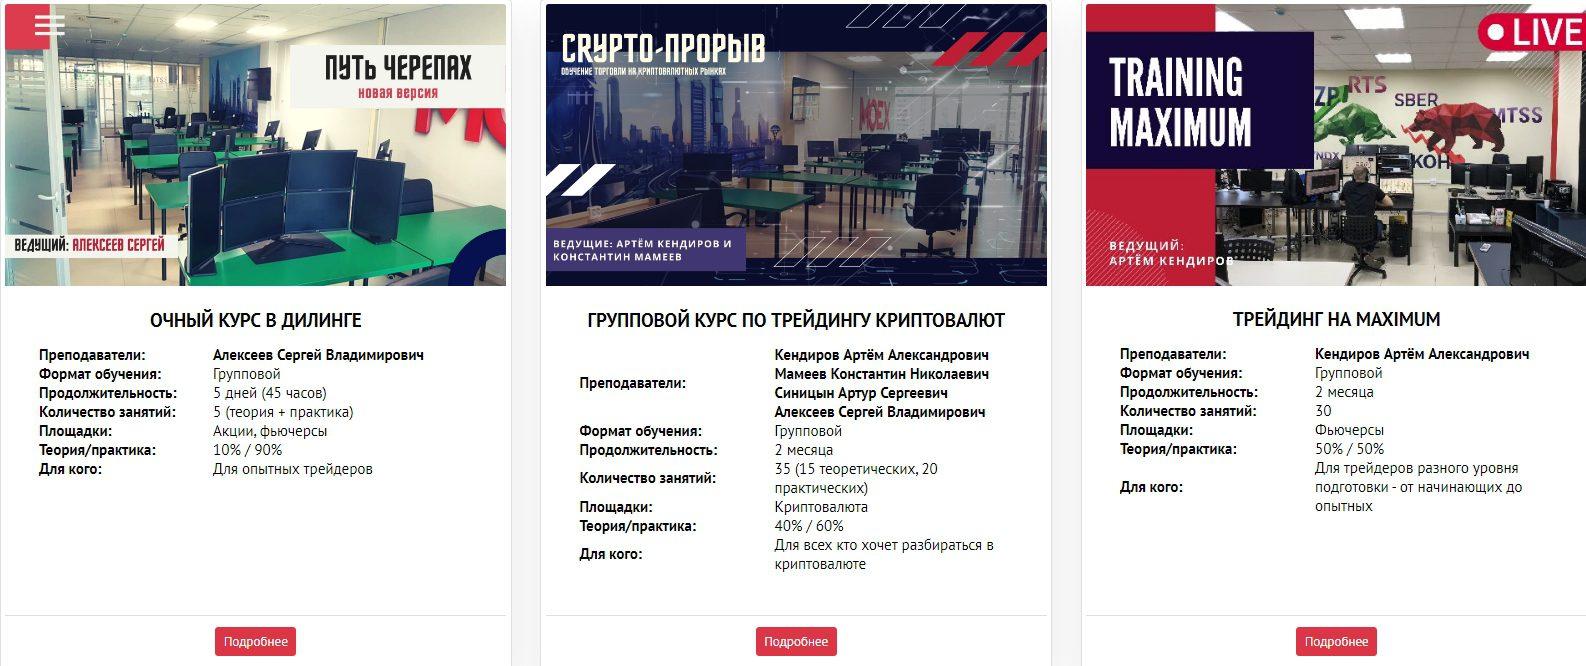 Курсы Алексеева по трейдингу